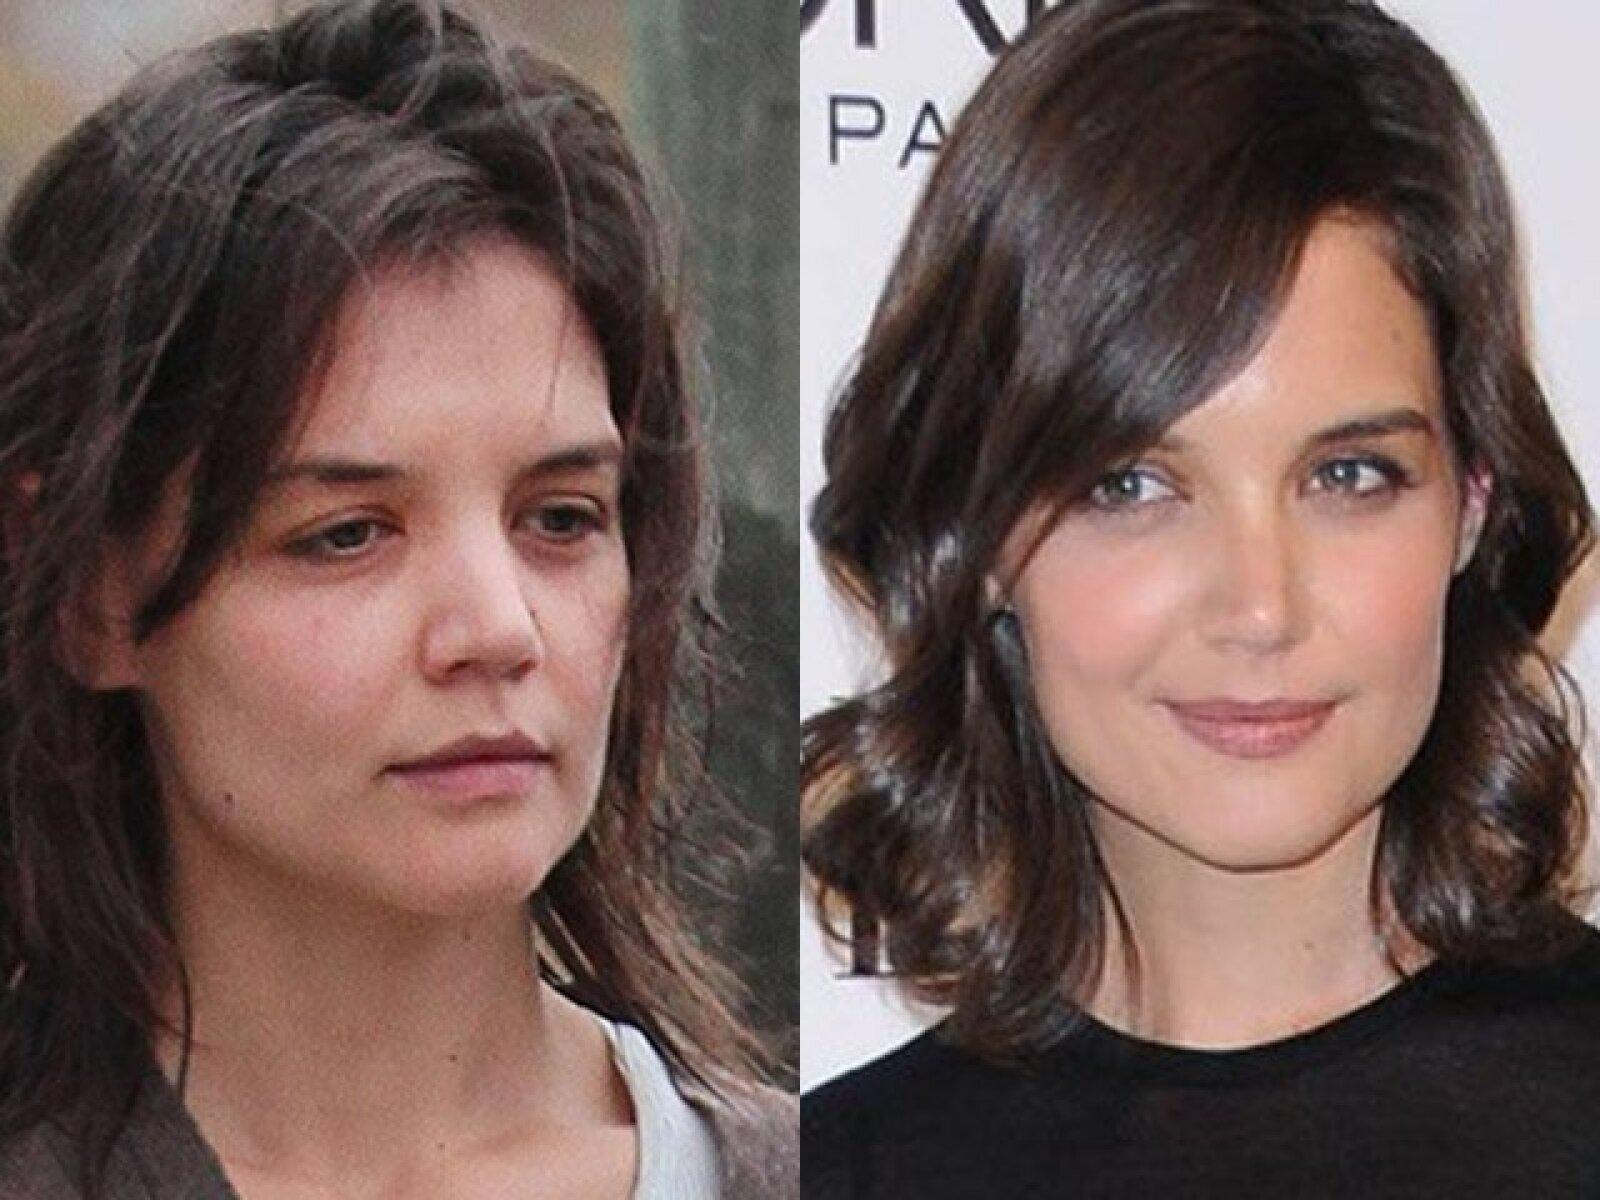 Katie Holmes impresionó por su belleza a Tom Cruise pero cuando se quita el maquillaje la realidad es que no es tan guapa como parece.